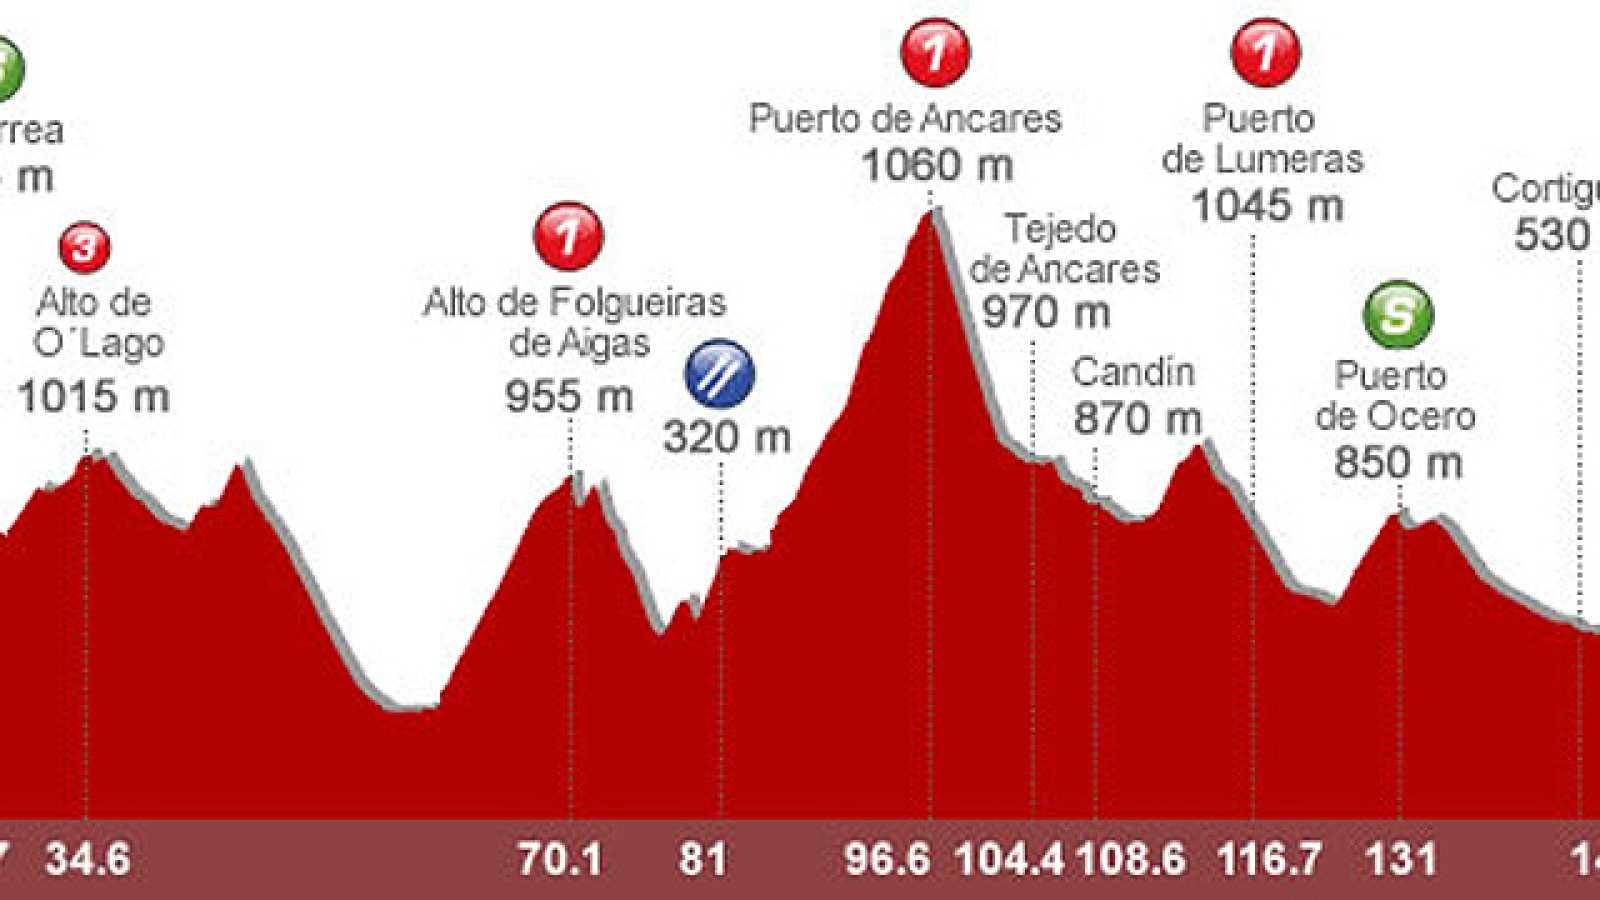 El director del equipo Geox analiza la 13ª etapa entre la localidad gallega de Sarriá y la leonesa de Ponferrada en la que se atravesarán Los Ancares.